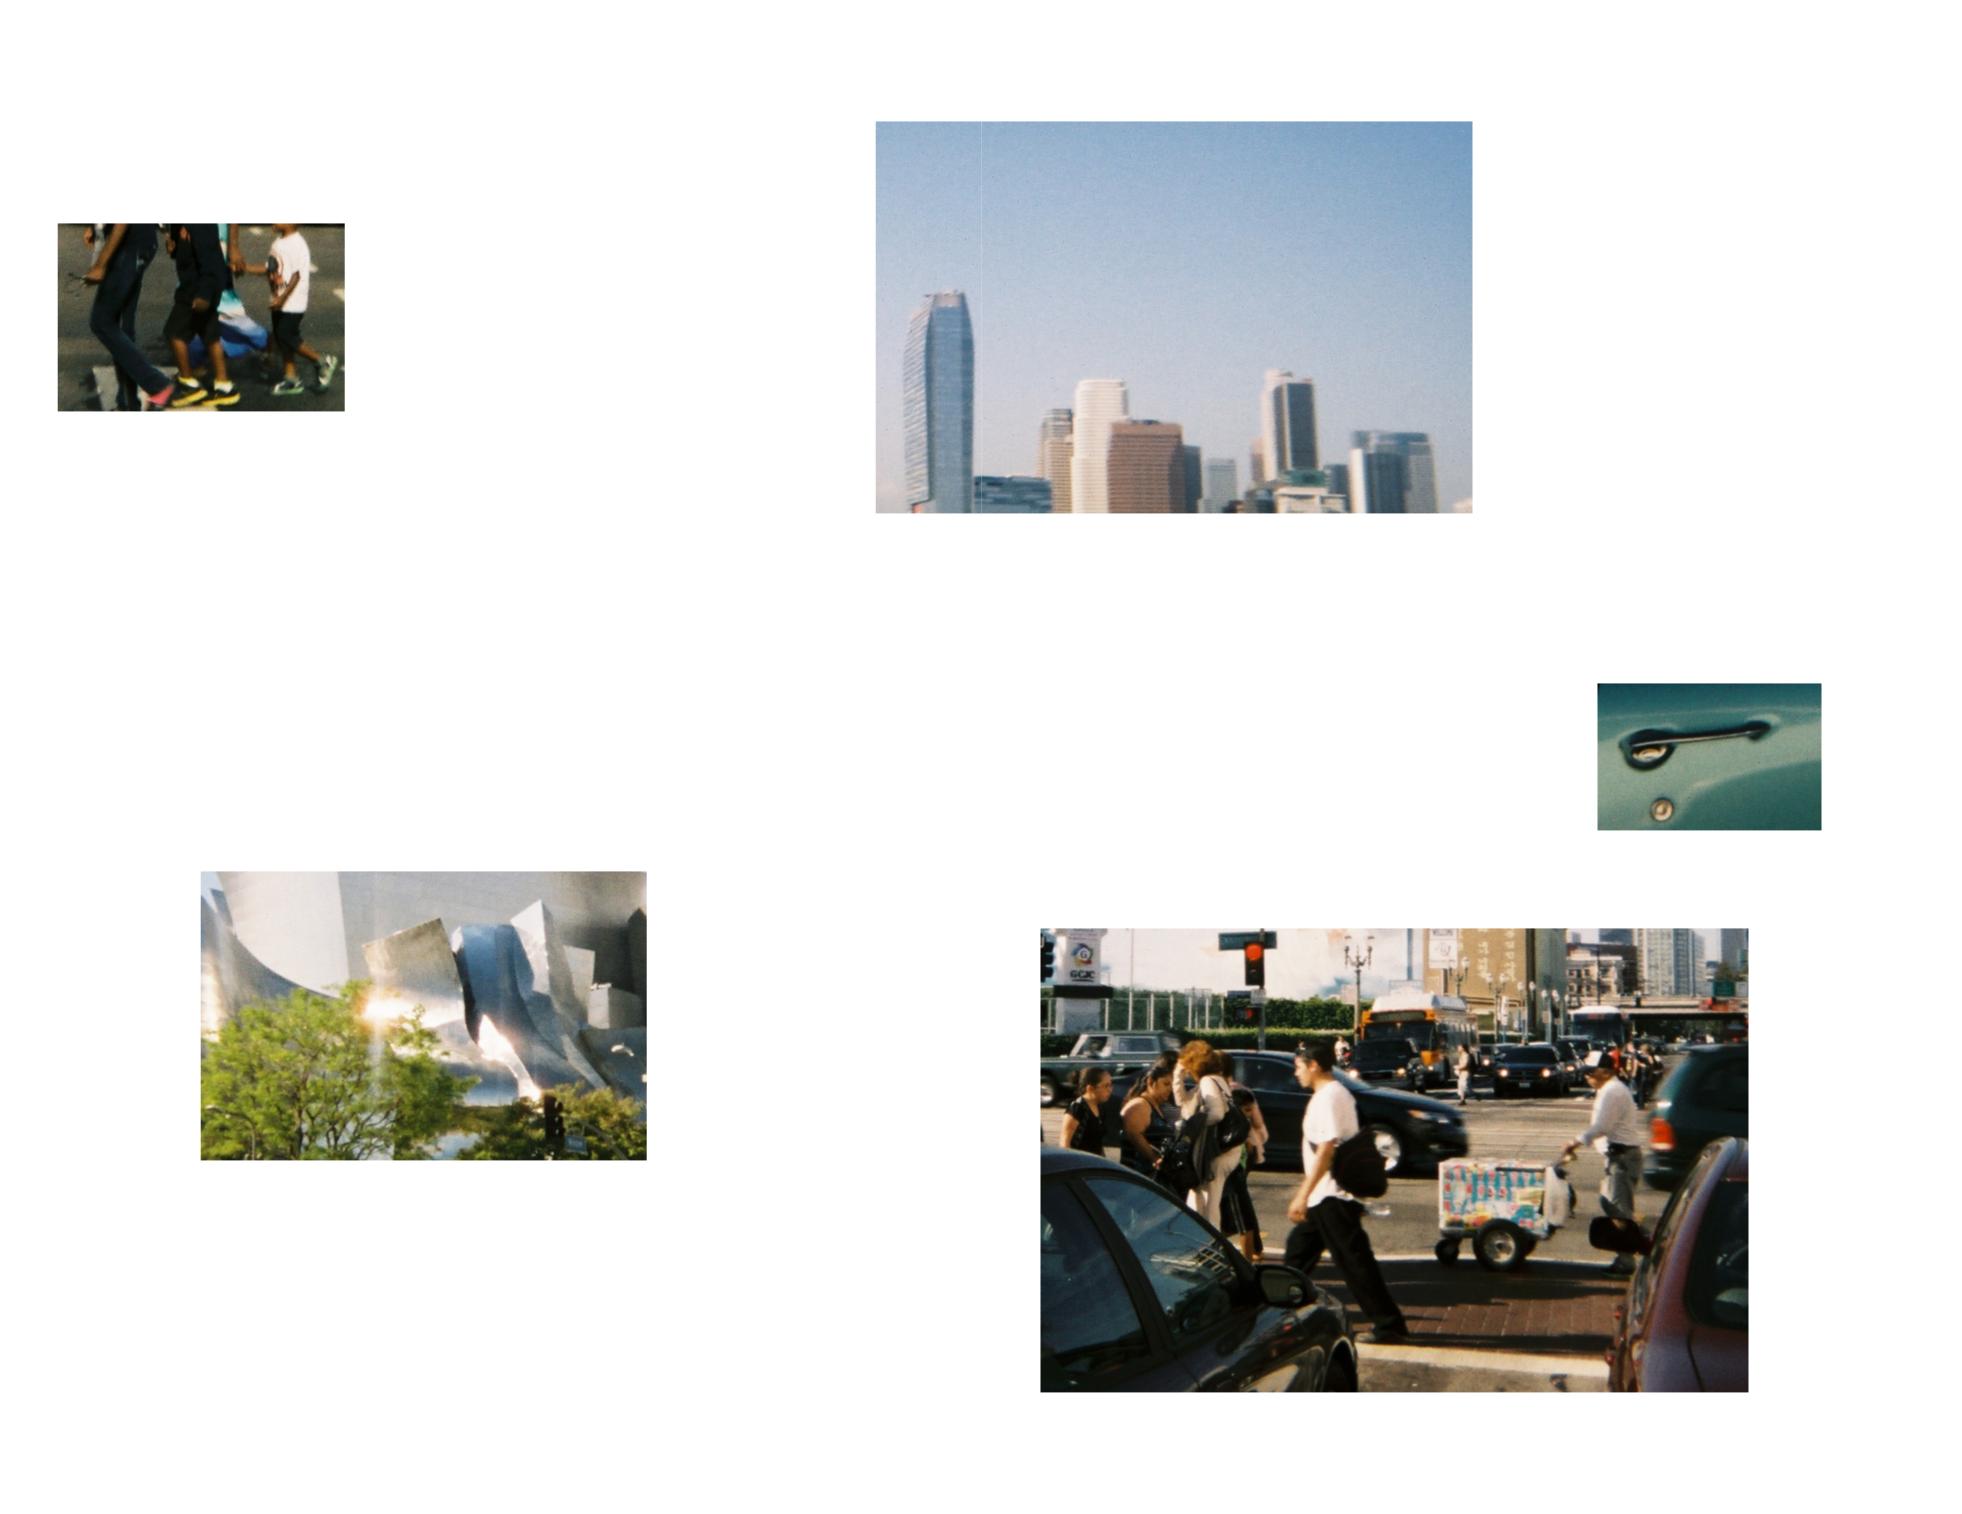 Screen Shot 2019-02-17 at 6.48.26 PM.png